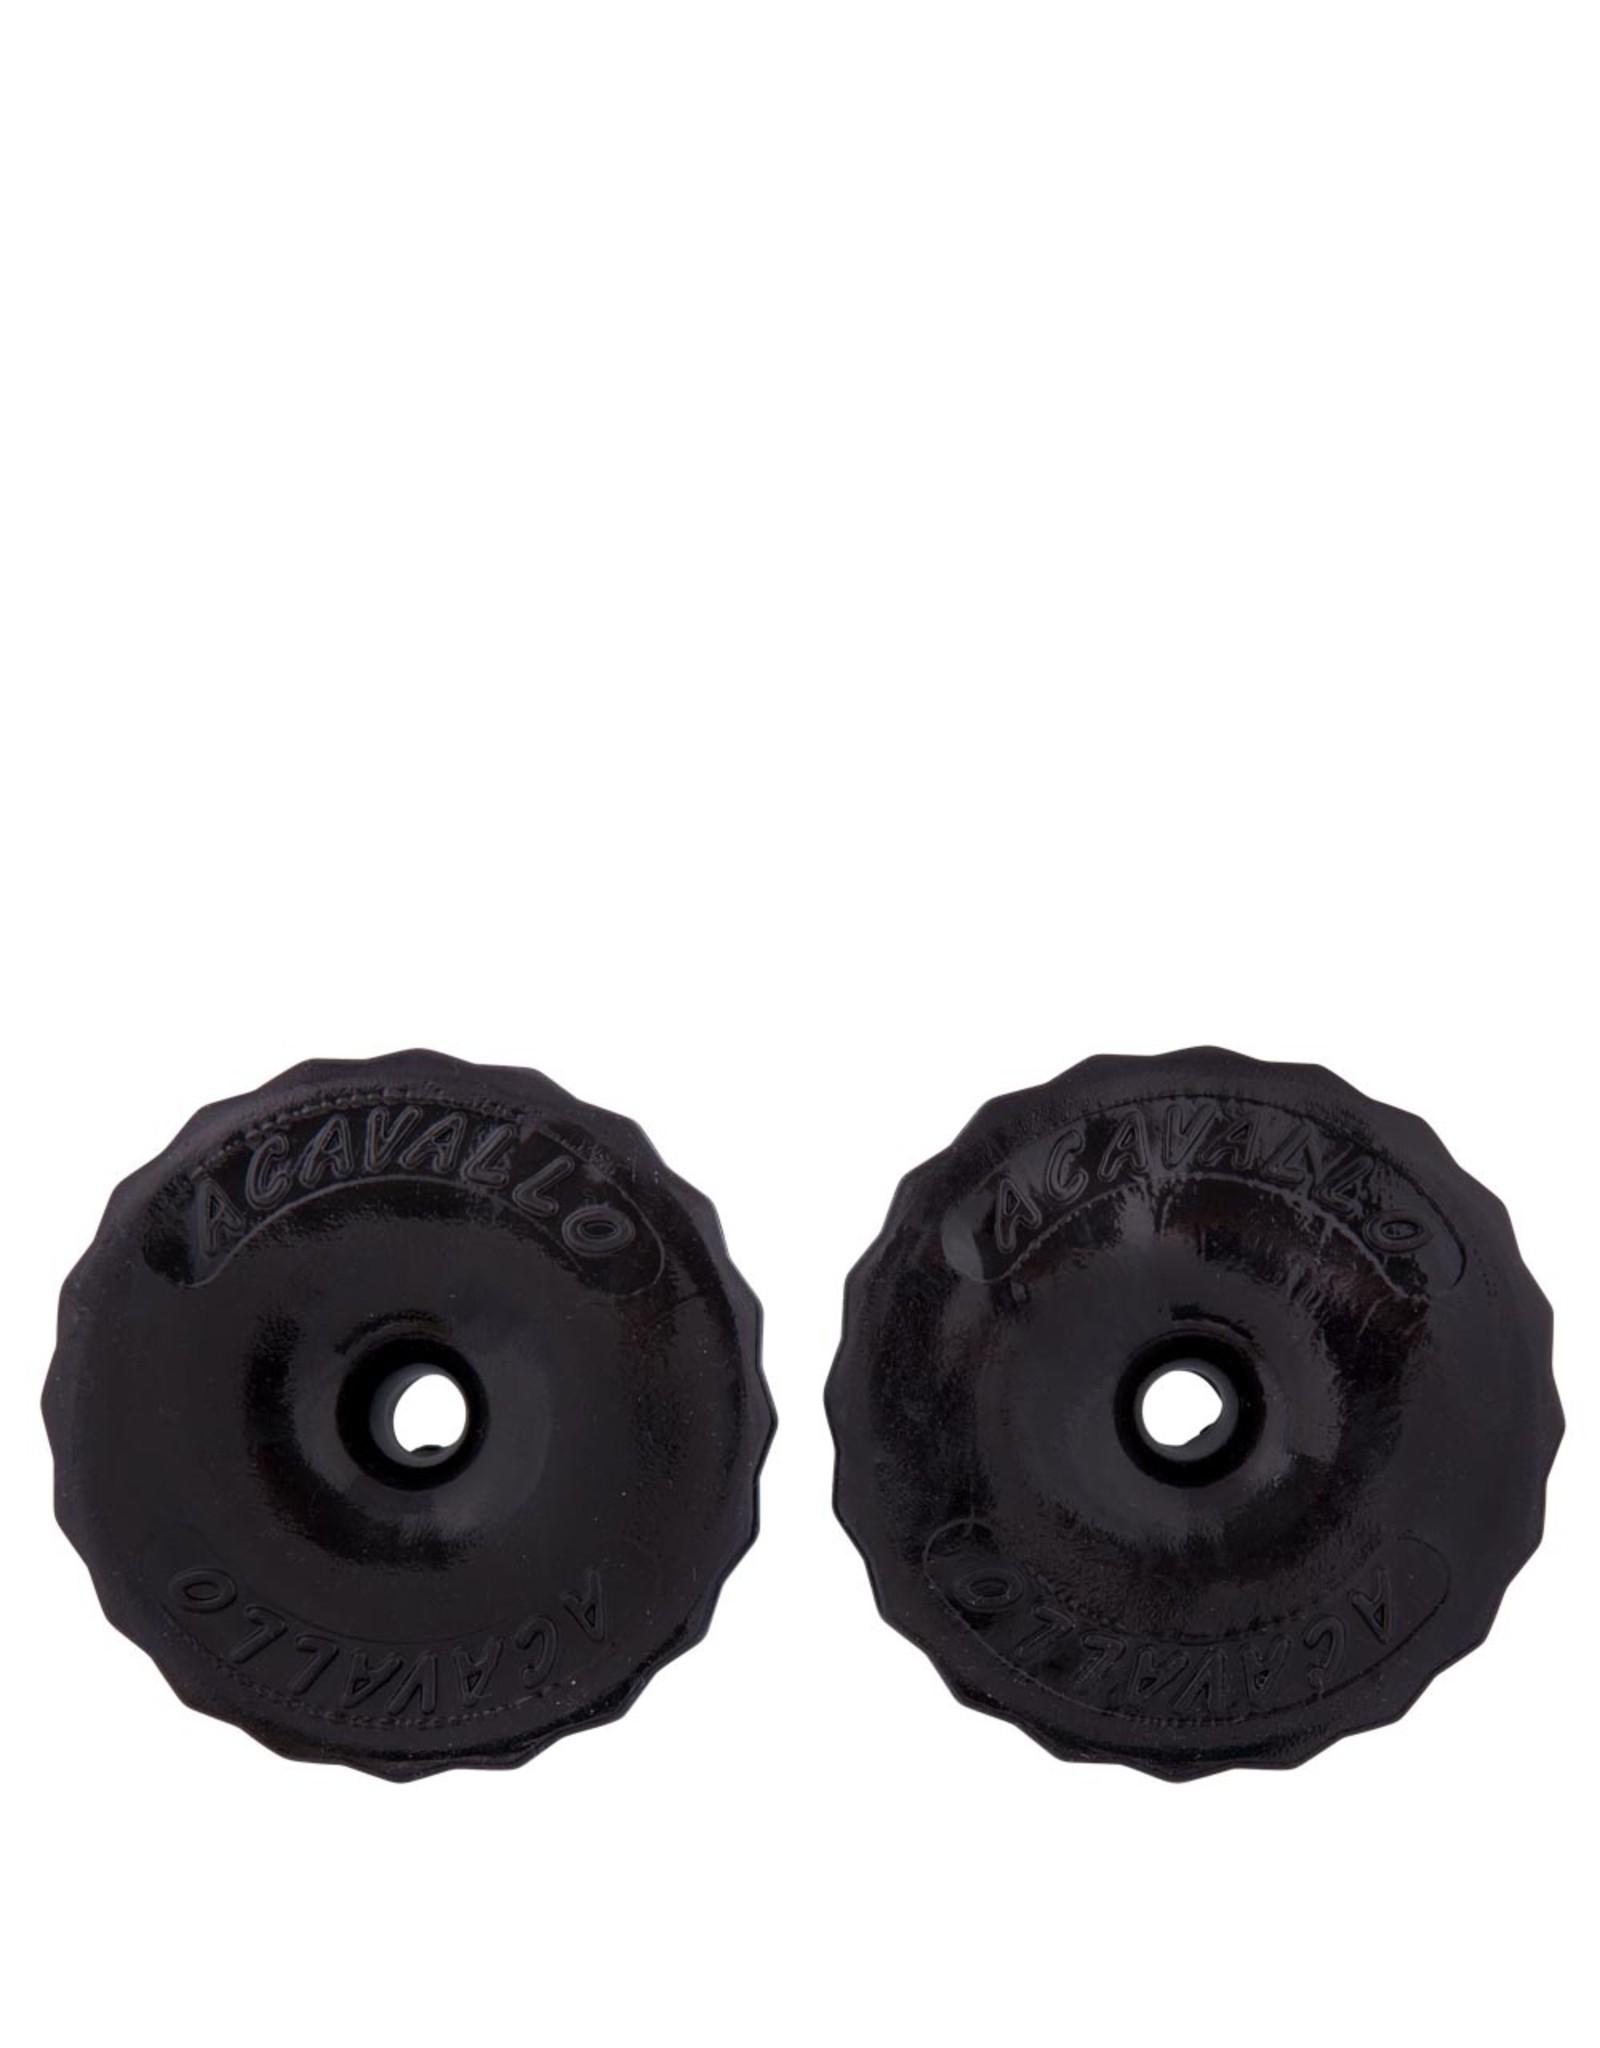 BR Acavallo bitschijven soft gel zwart